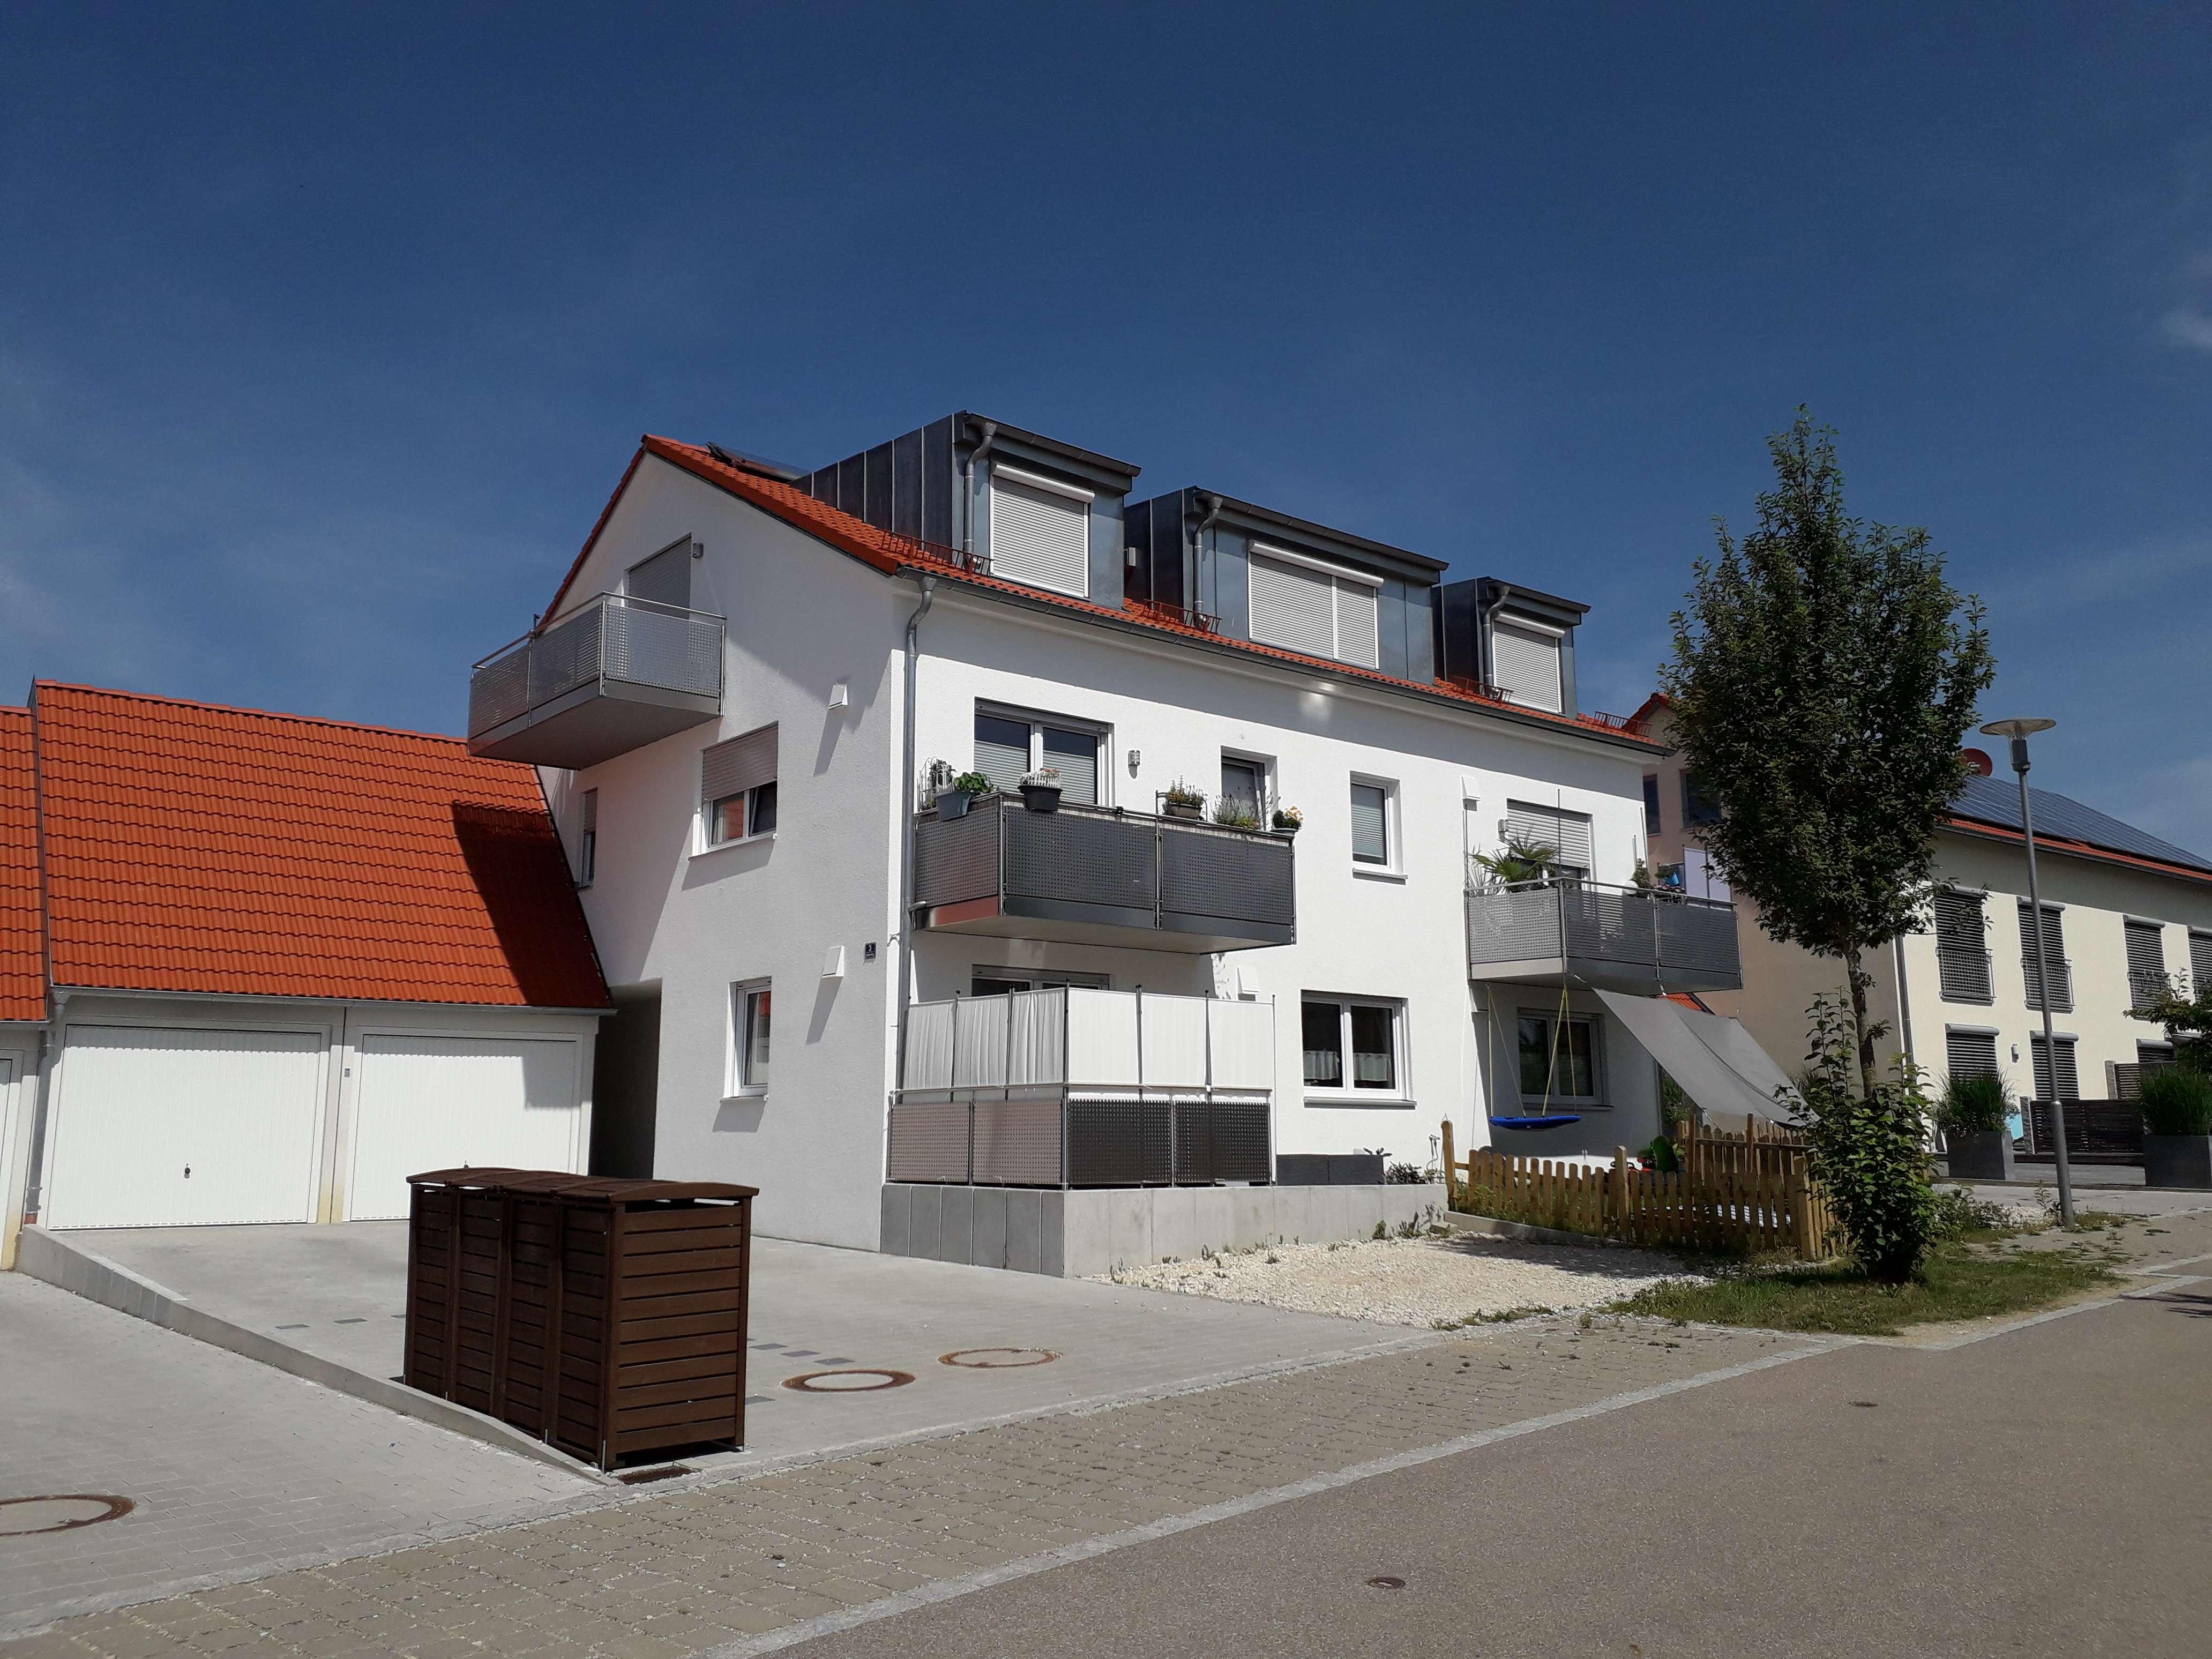 Neuwertige 4-Zimmer-Erdgeschosswohnung mit Terasse und kleinem Garten in Altomünster